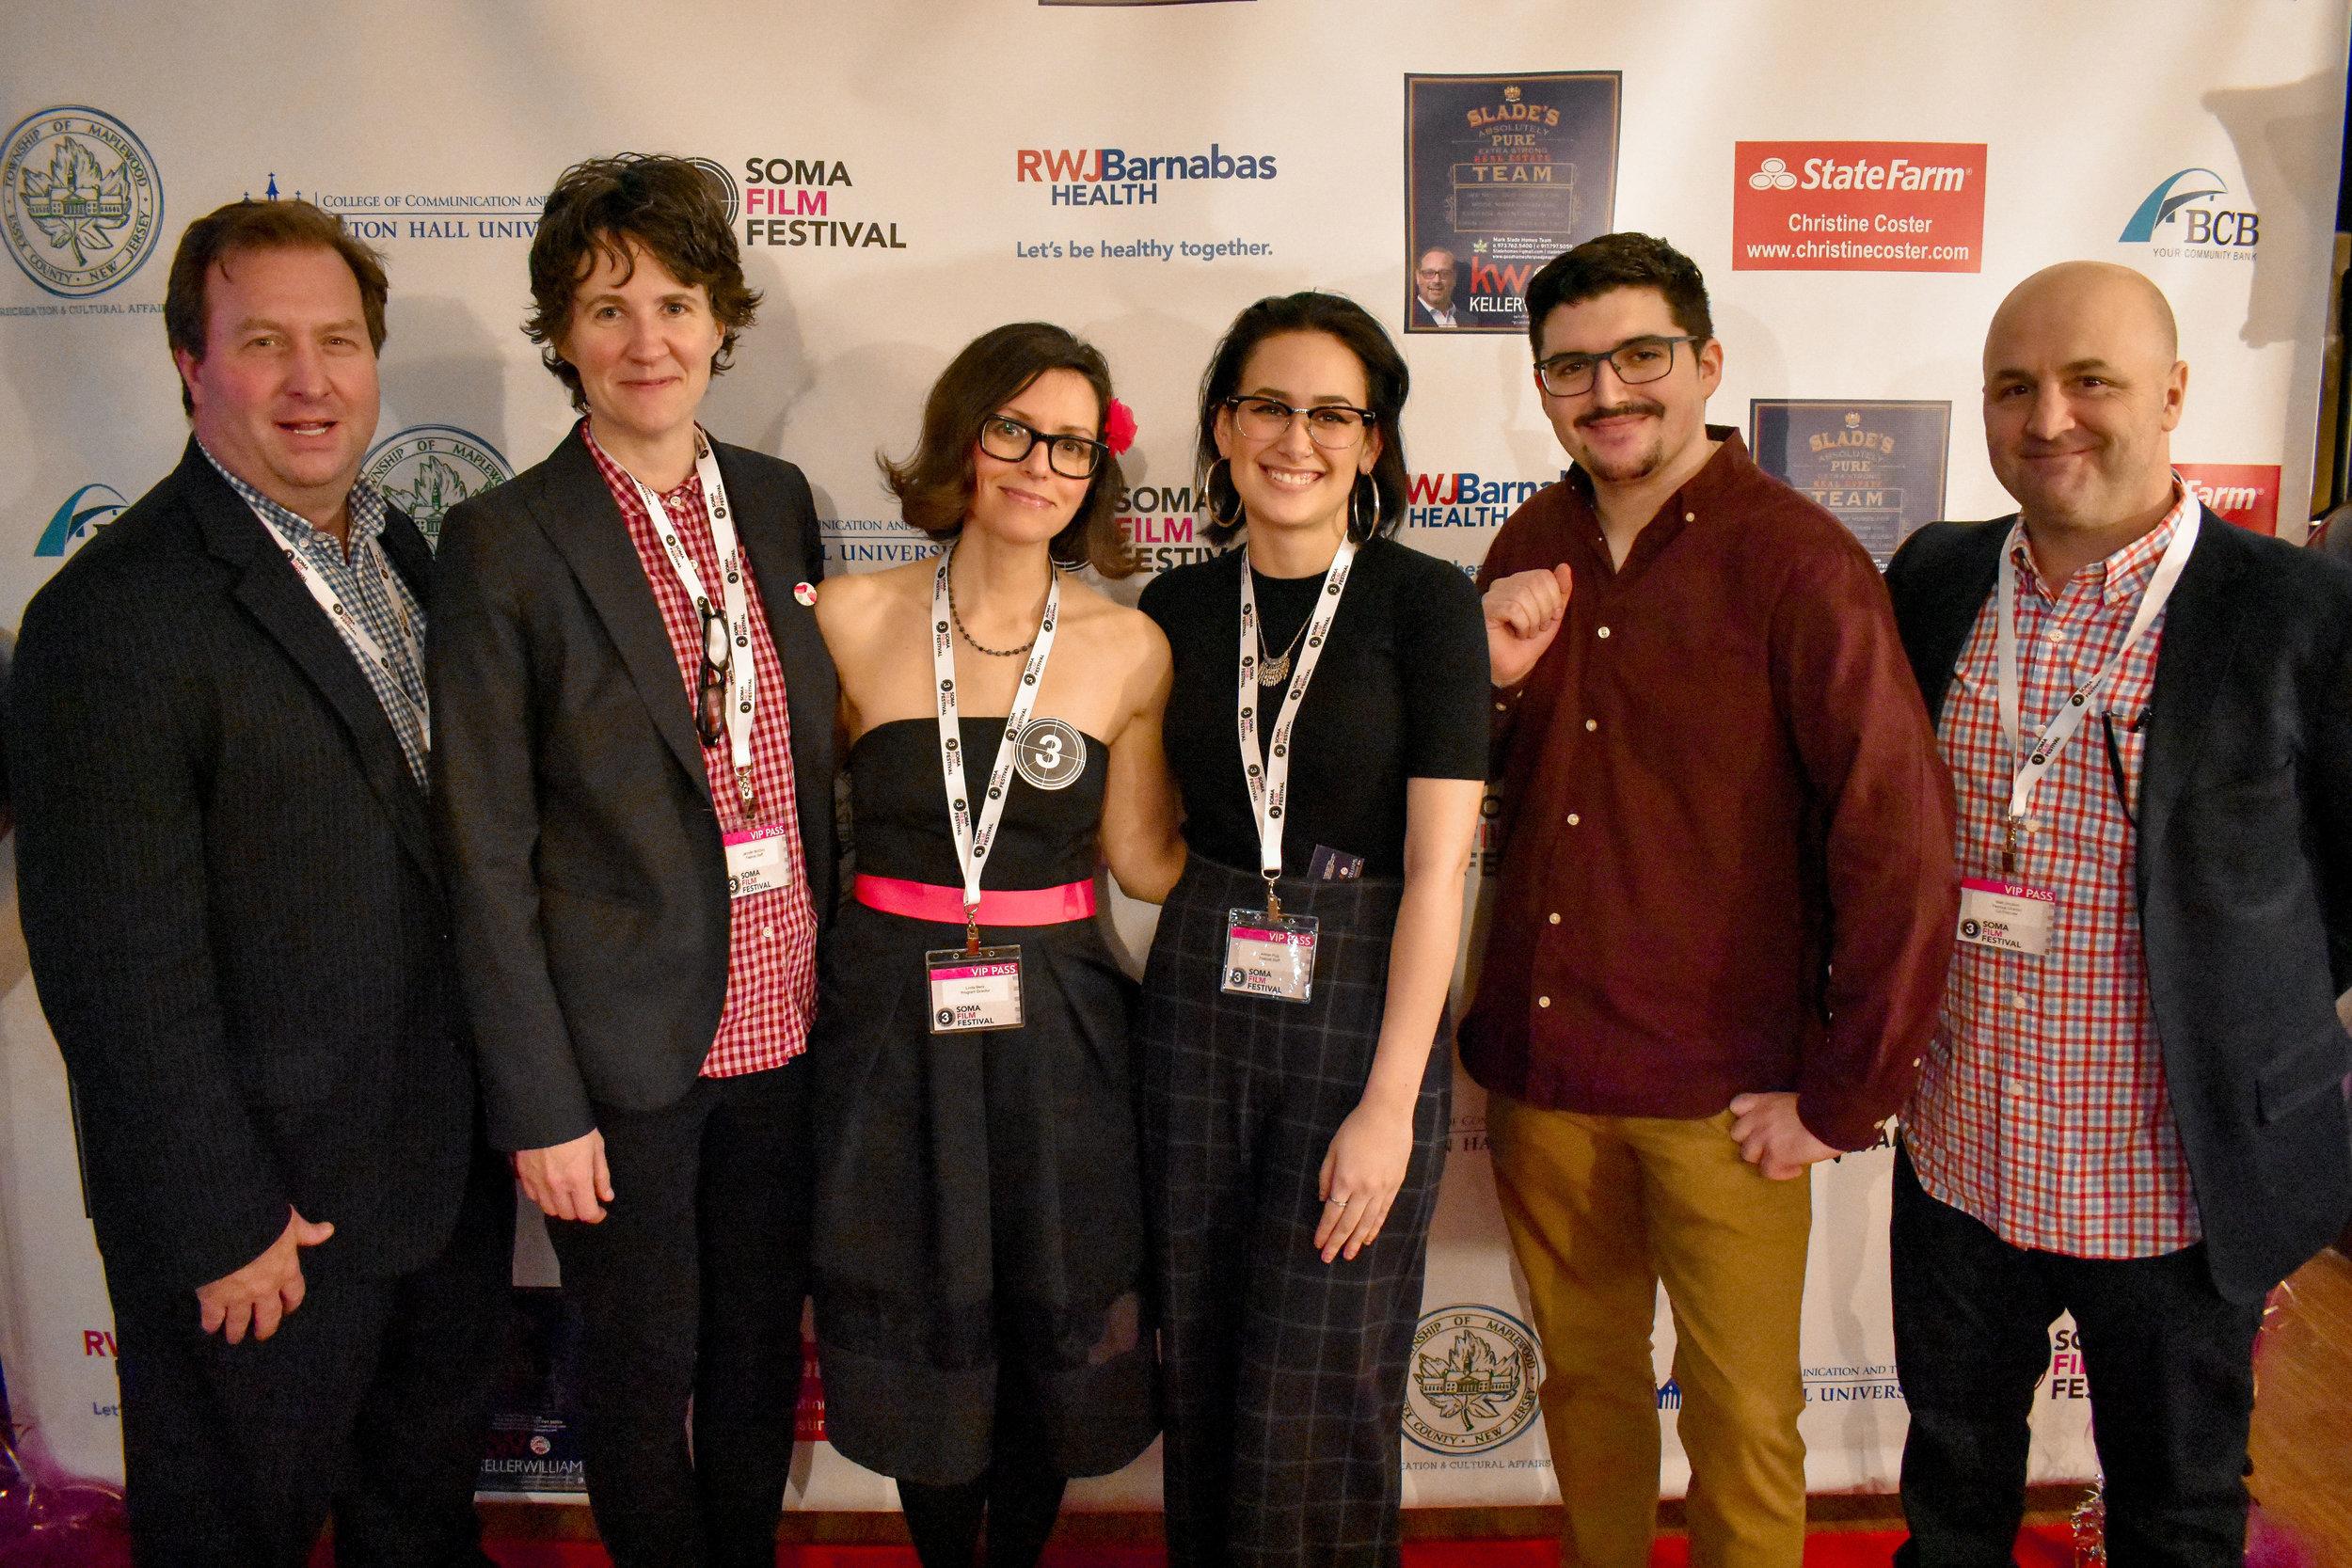 SOMA Film Festival Team